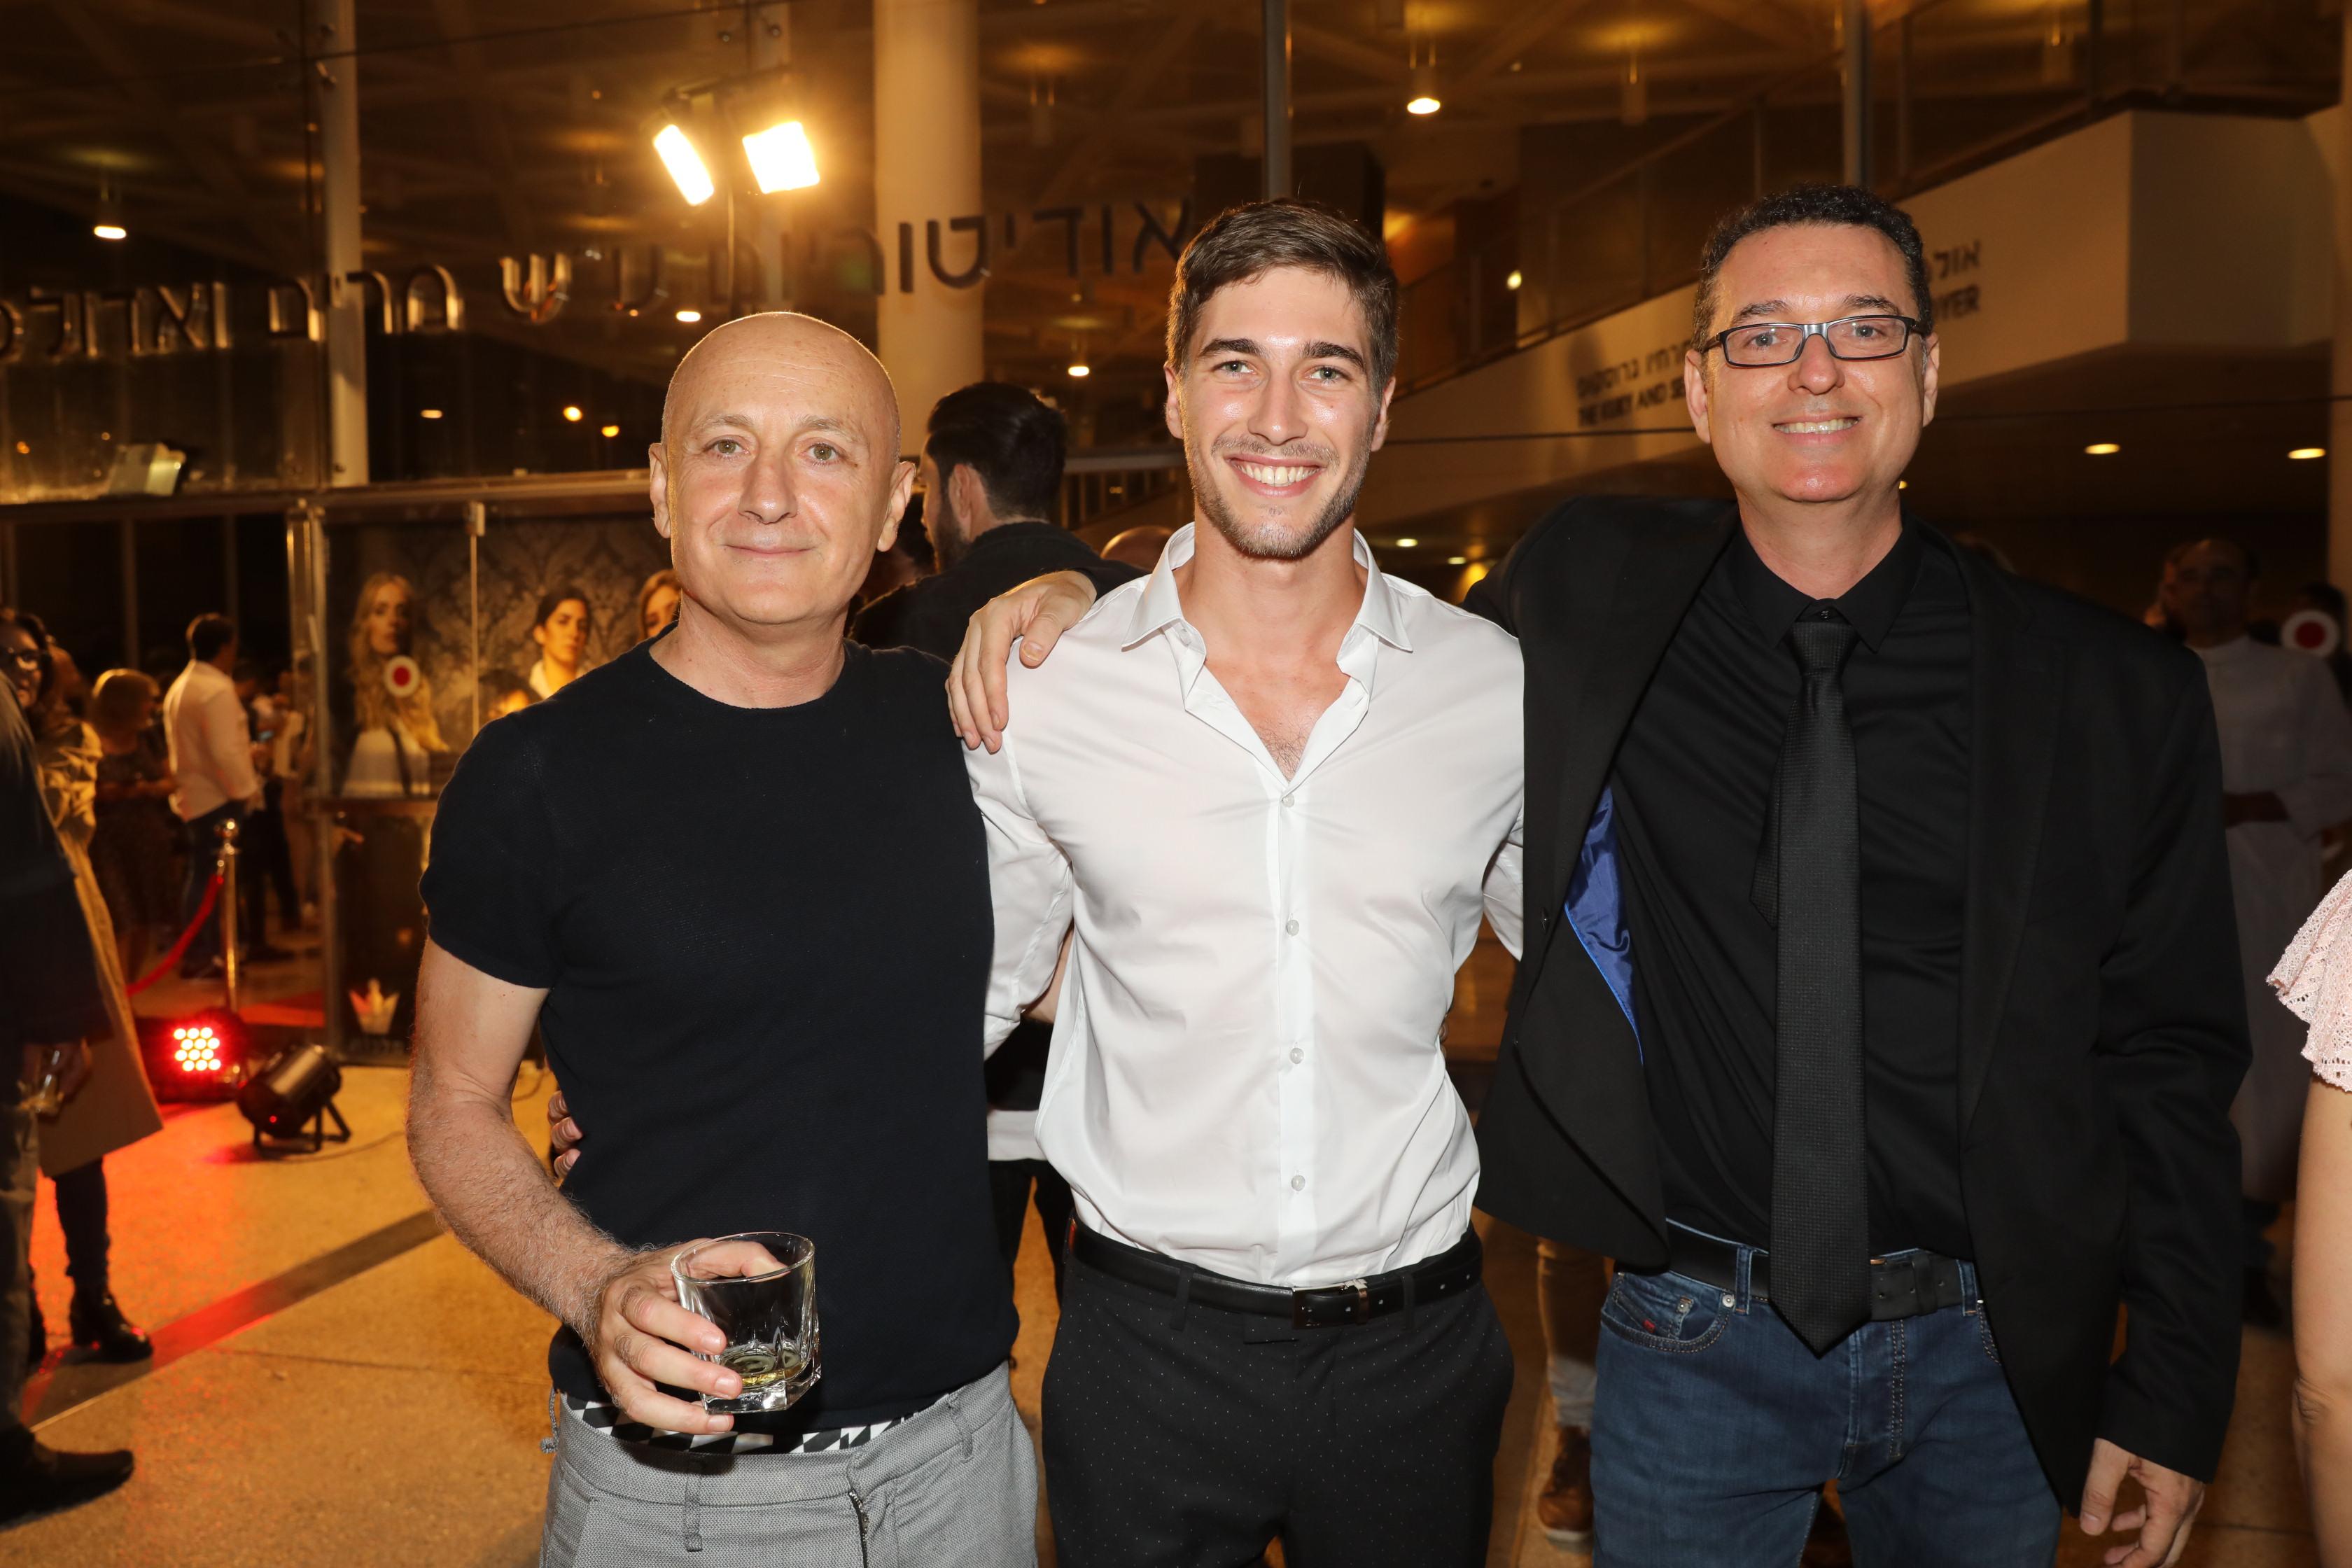 עומר דרור עם הבמאי אמיר מן והתסריטאי גל זייד